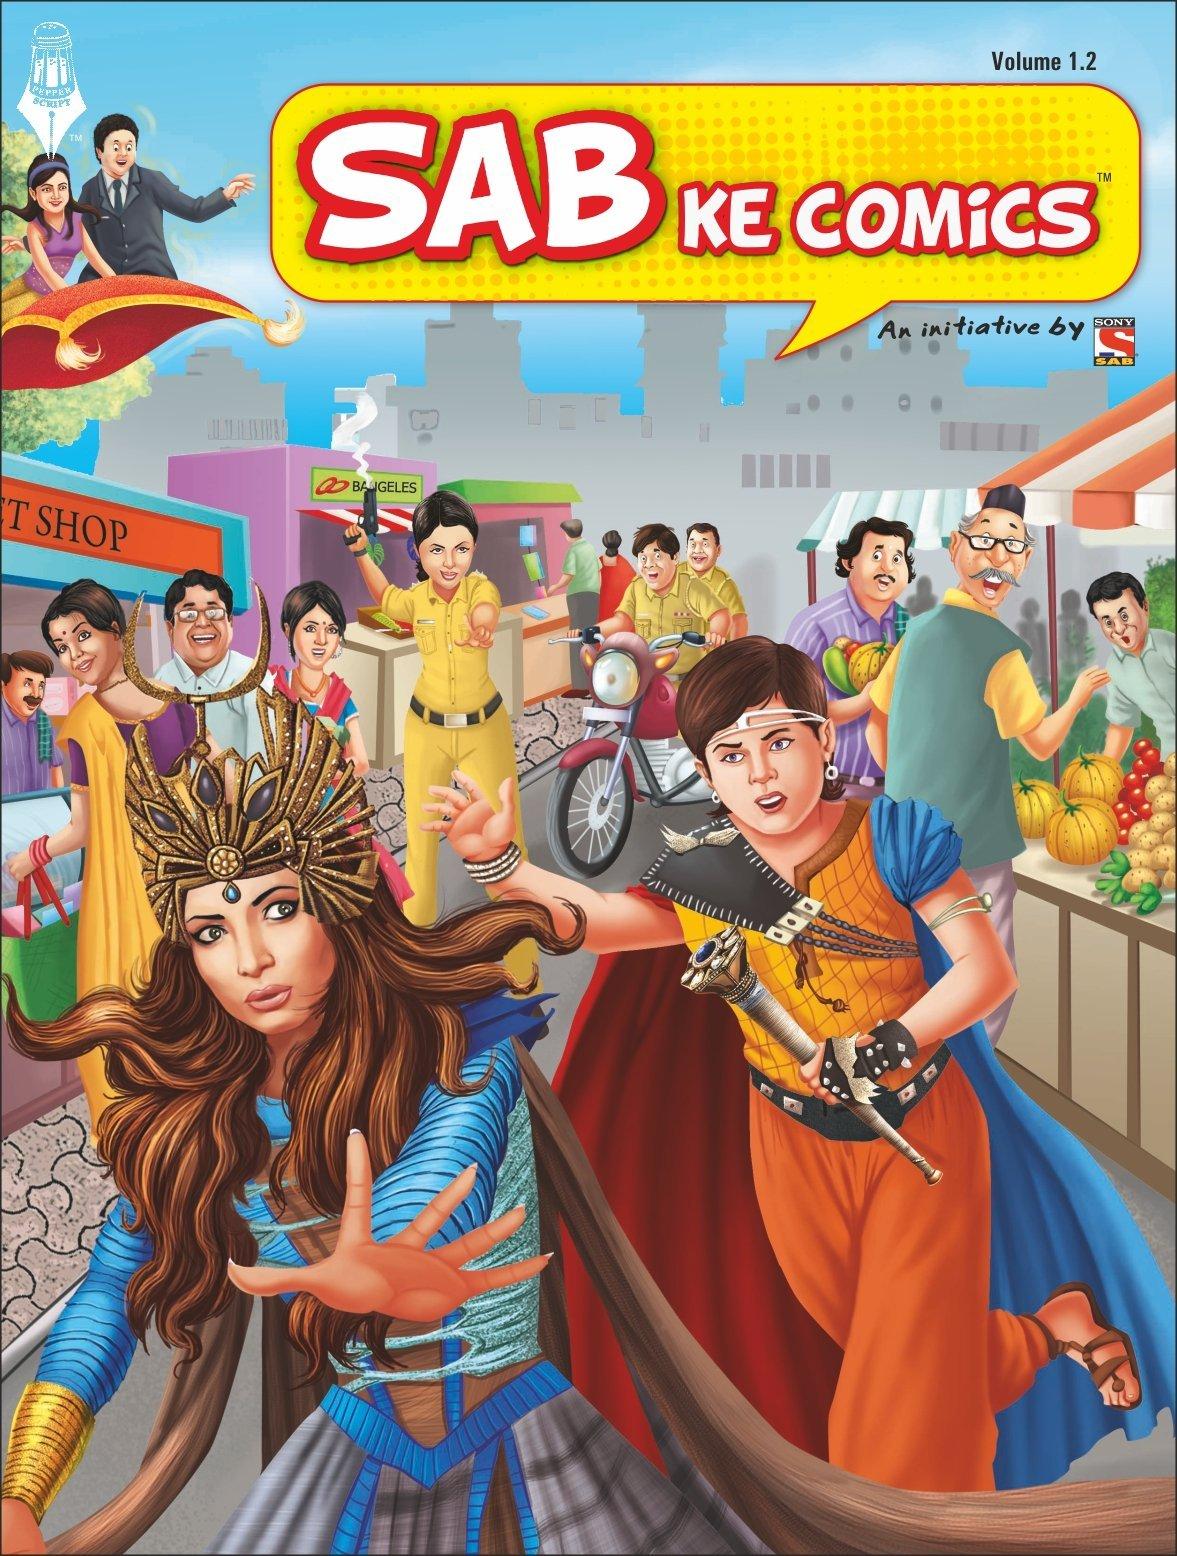 Buy Sab Ke Comics Vol 1 1, 1 2, 1 3 Book Online at Low Prices in